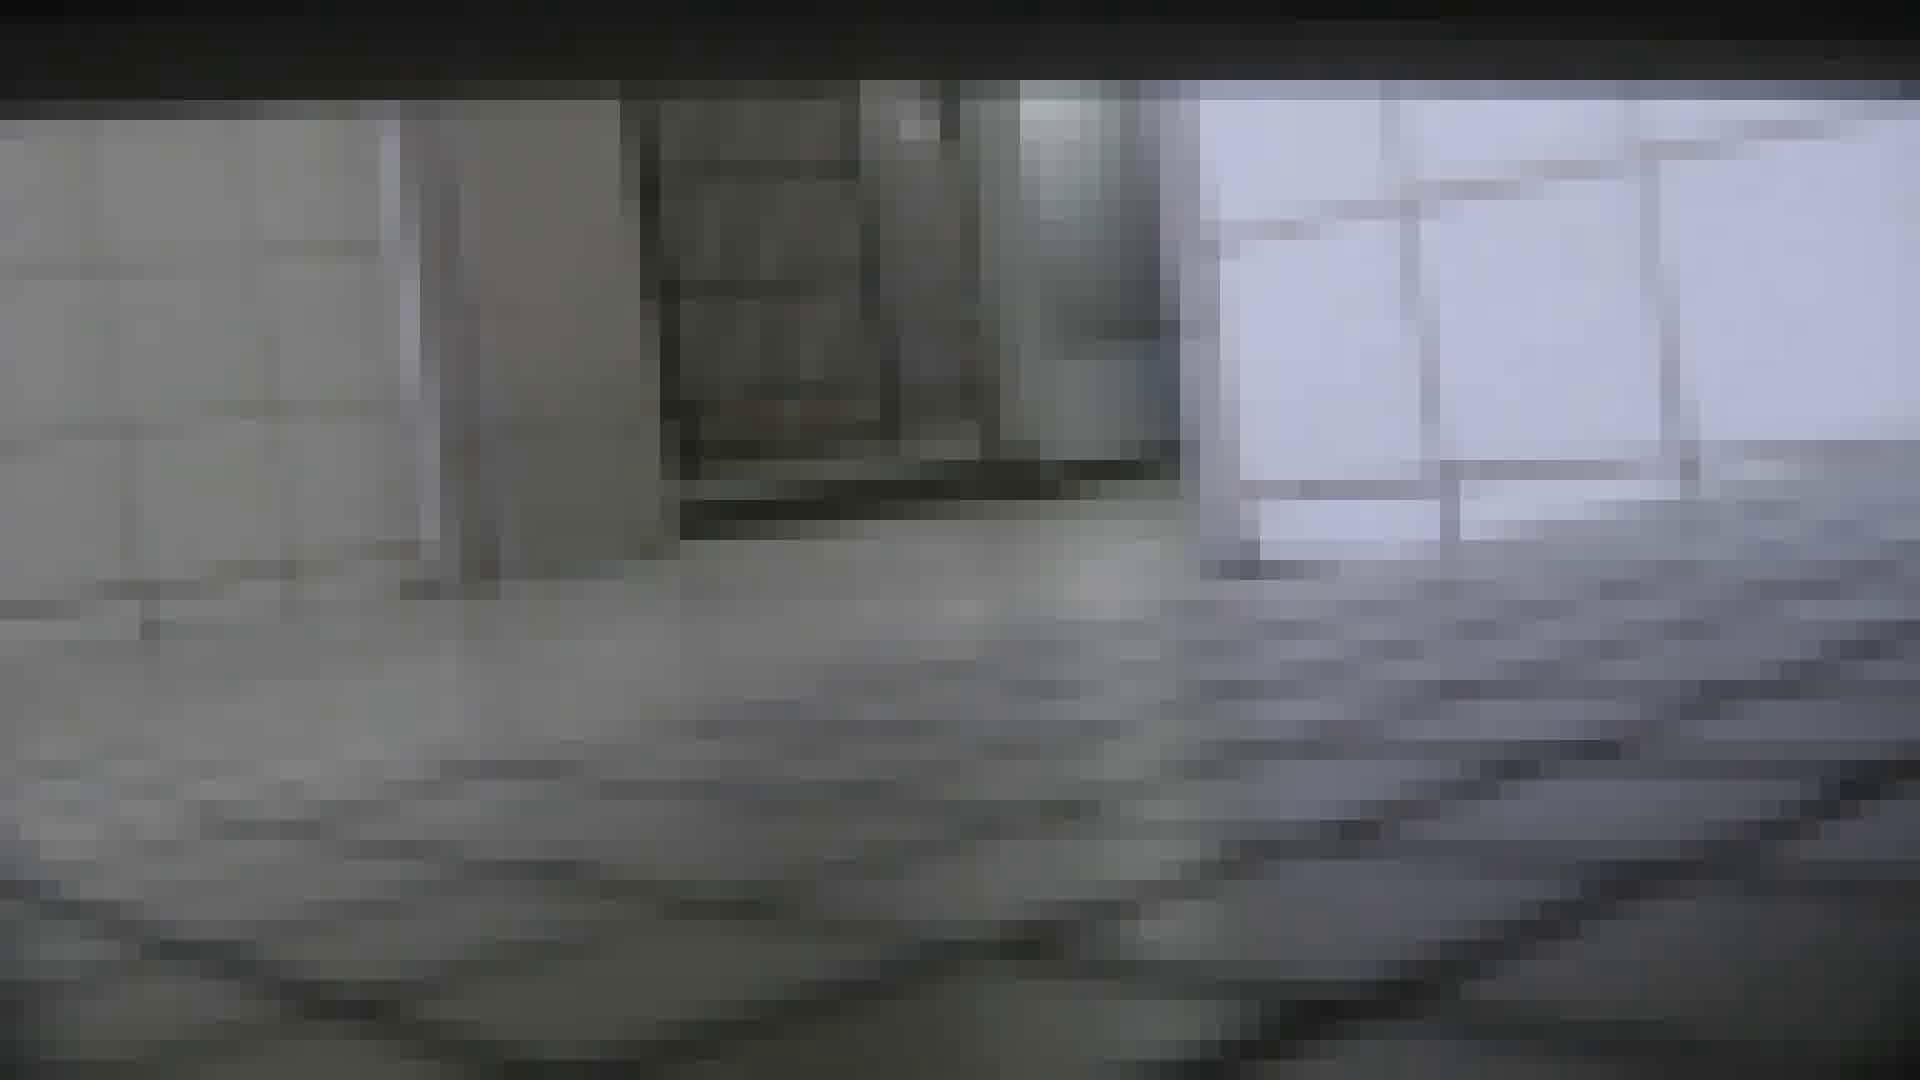 【美しき個室な世界】 vol.021 めがねっこ 高画質 おめこ無修正画像 97枚 83